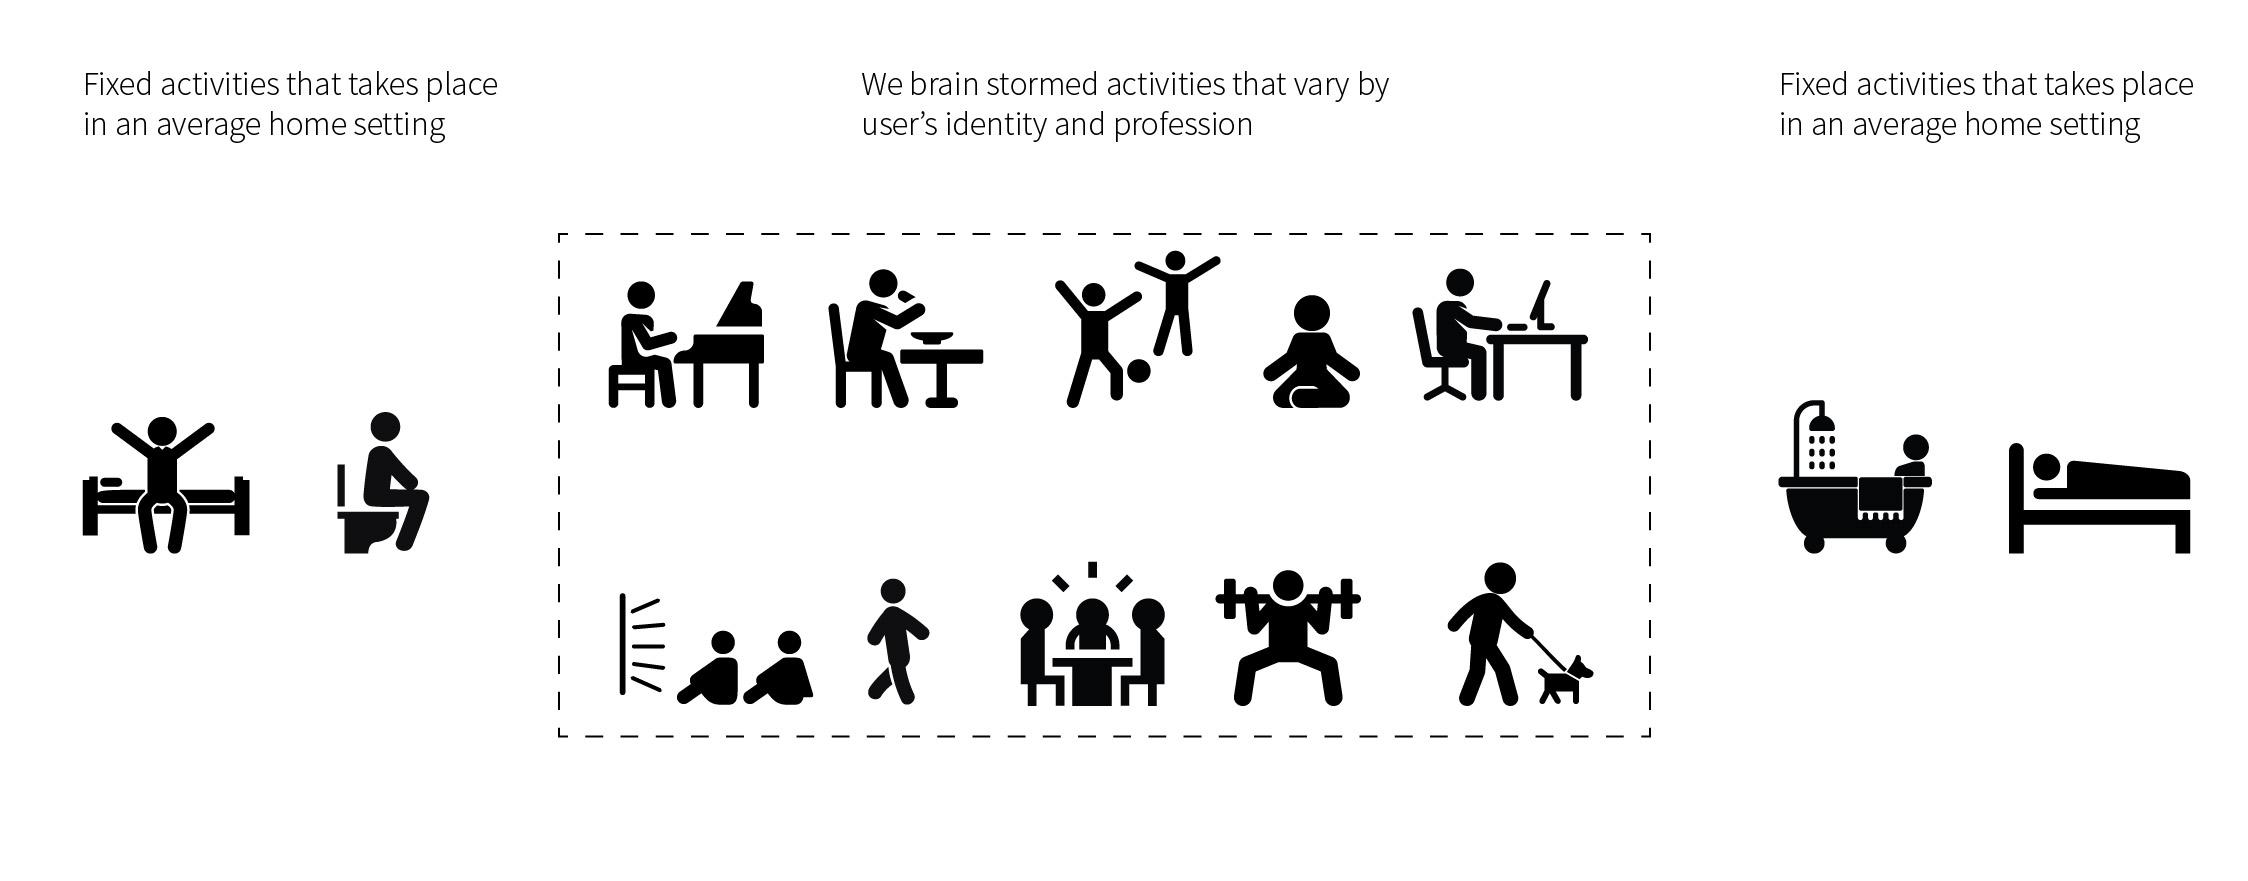 190108_diagrams matrix of activities-01